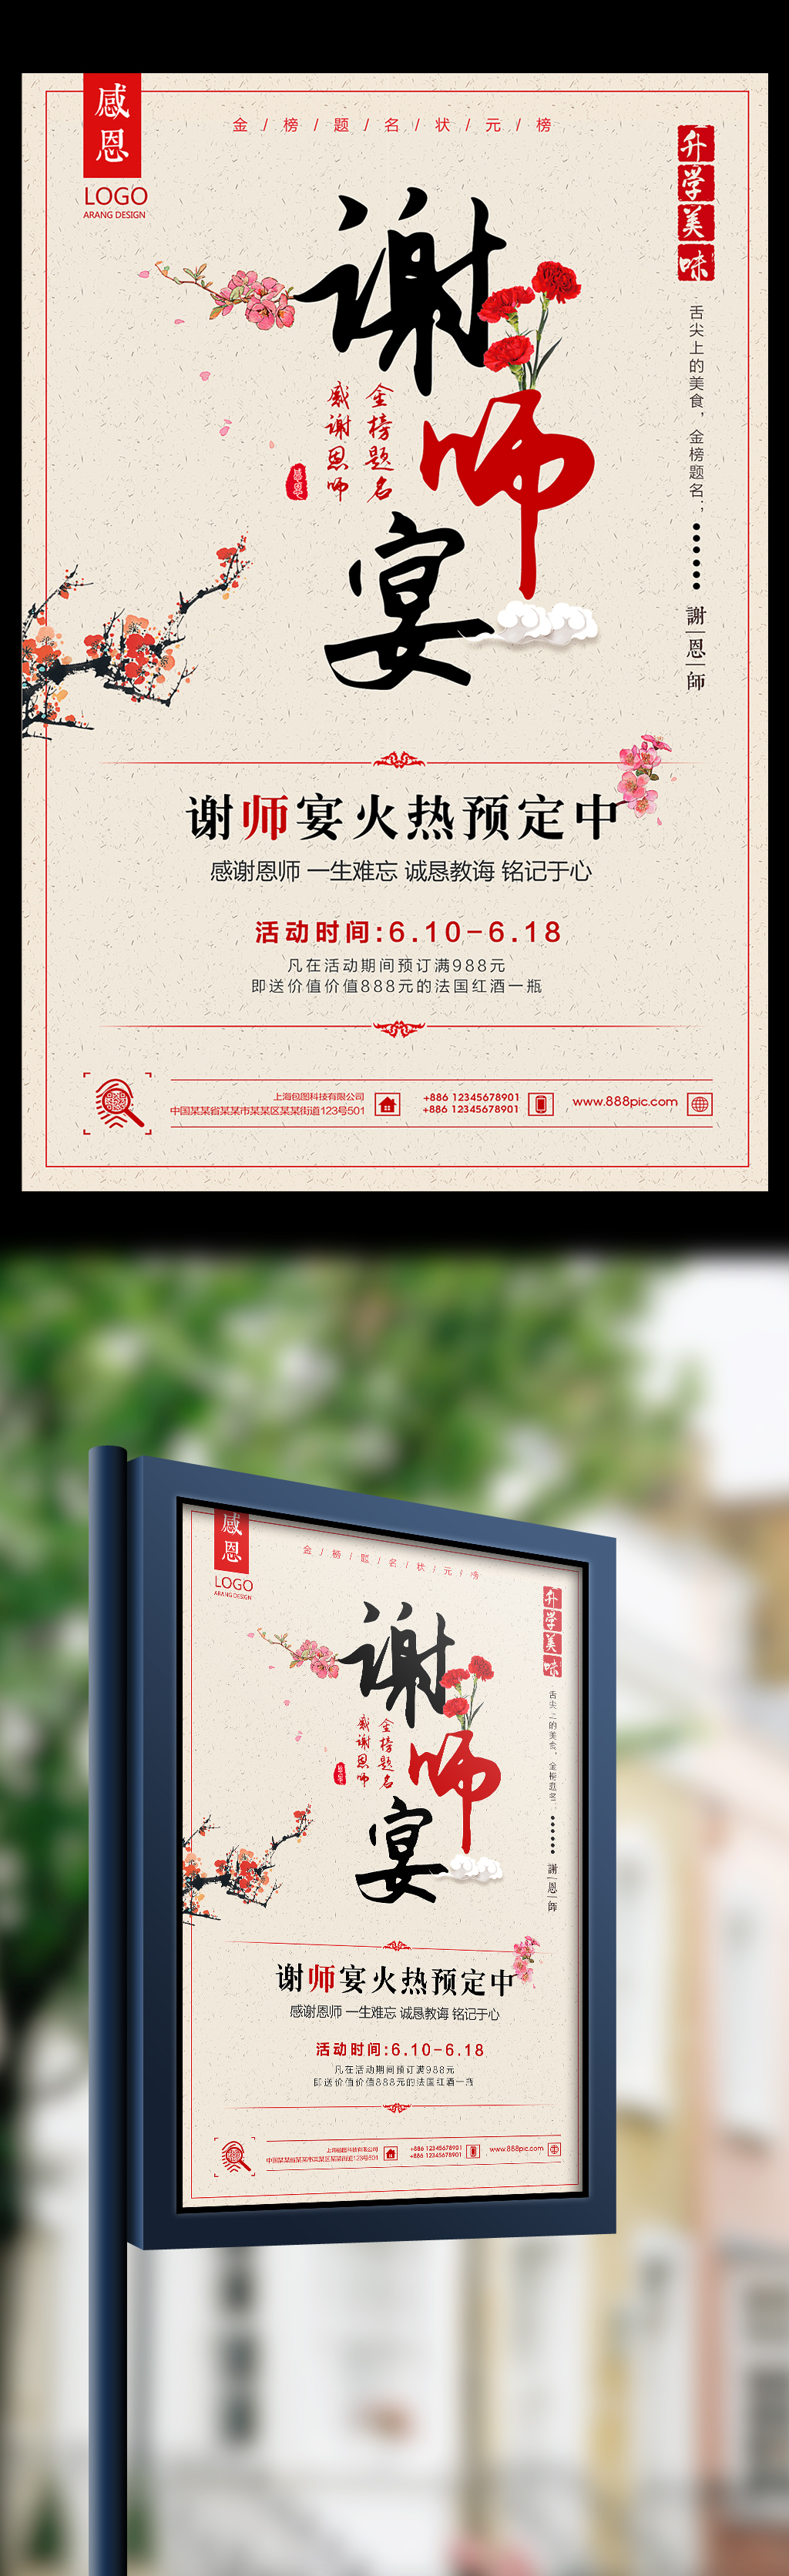 qq空间微信                   谢师宴感恩促销团购活动海报模板下载